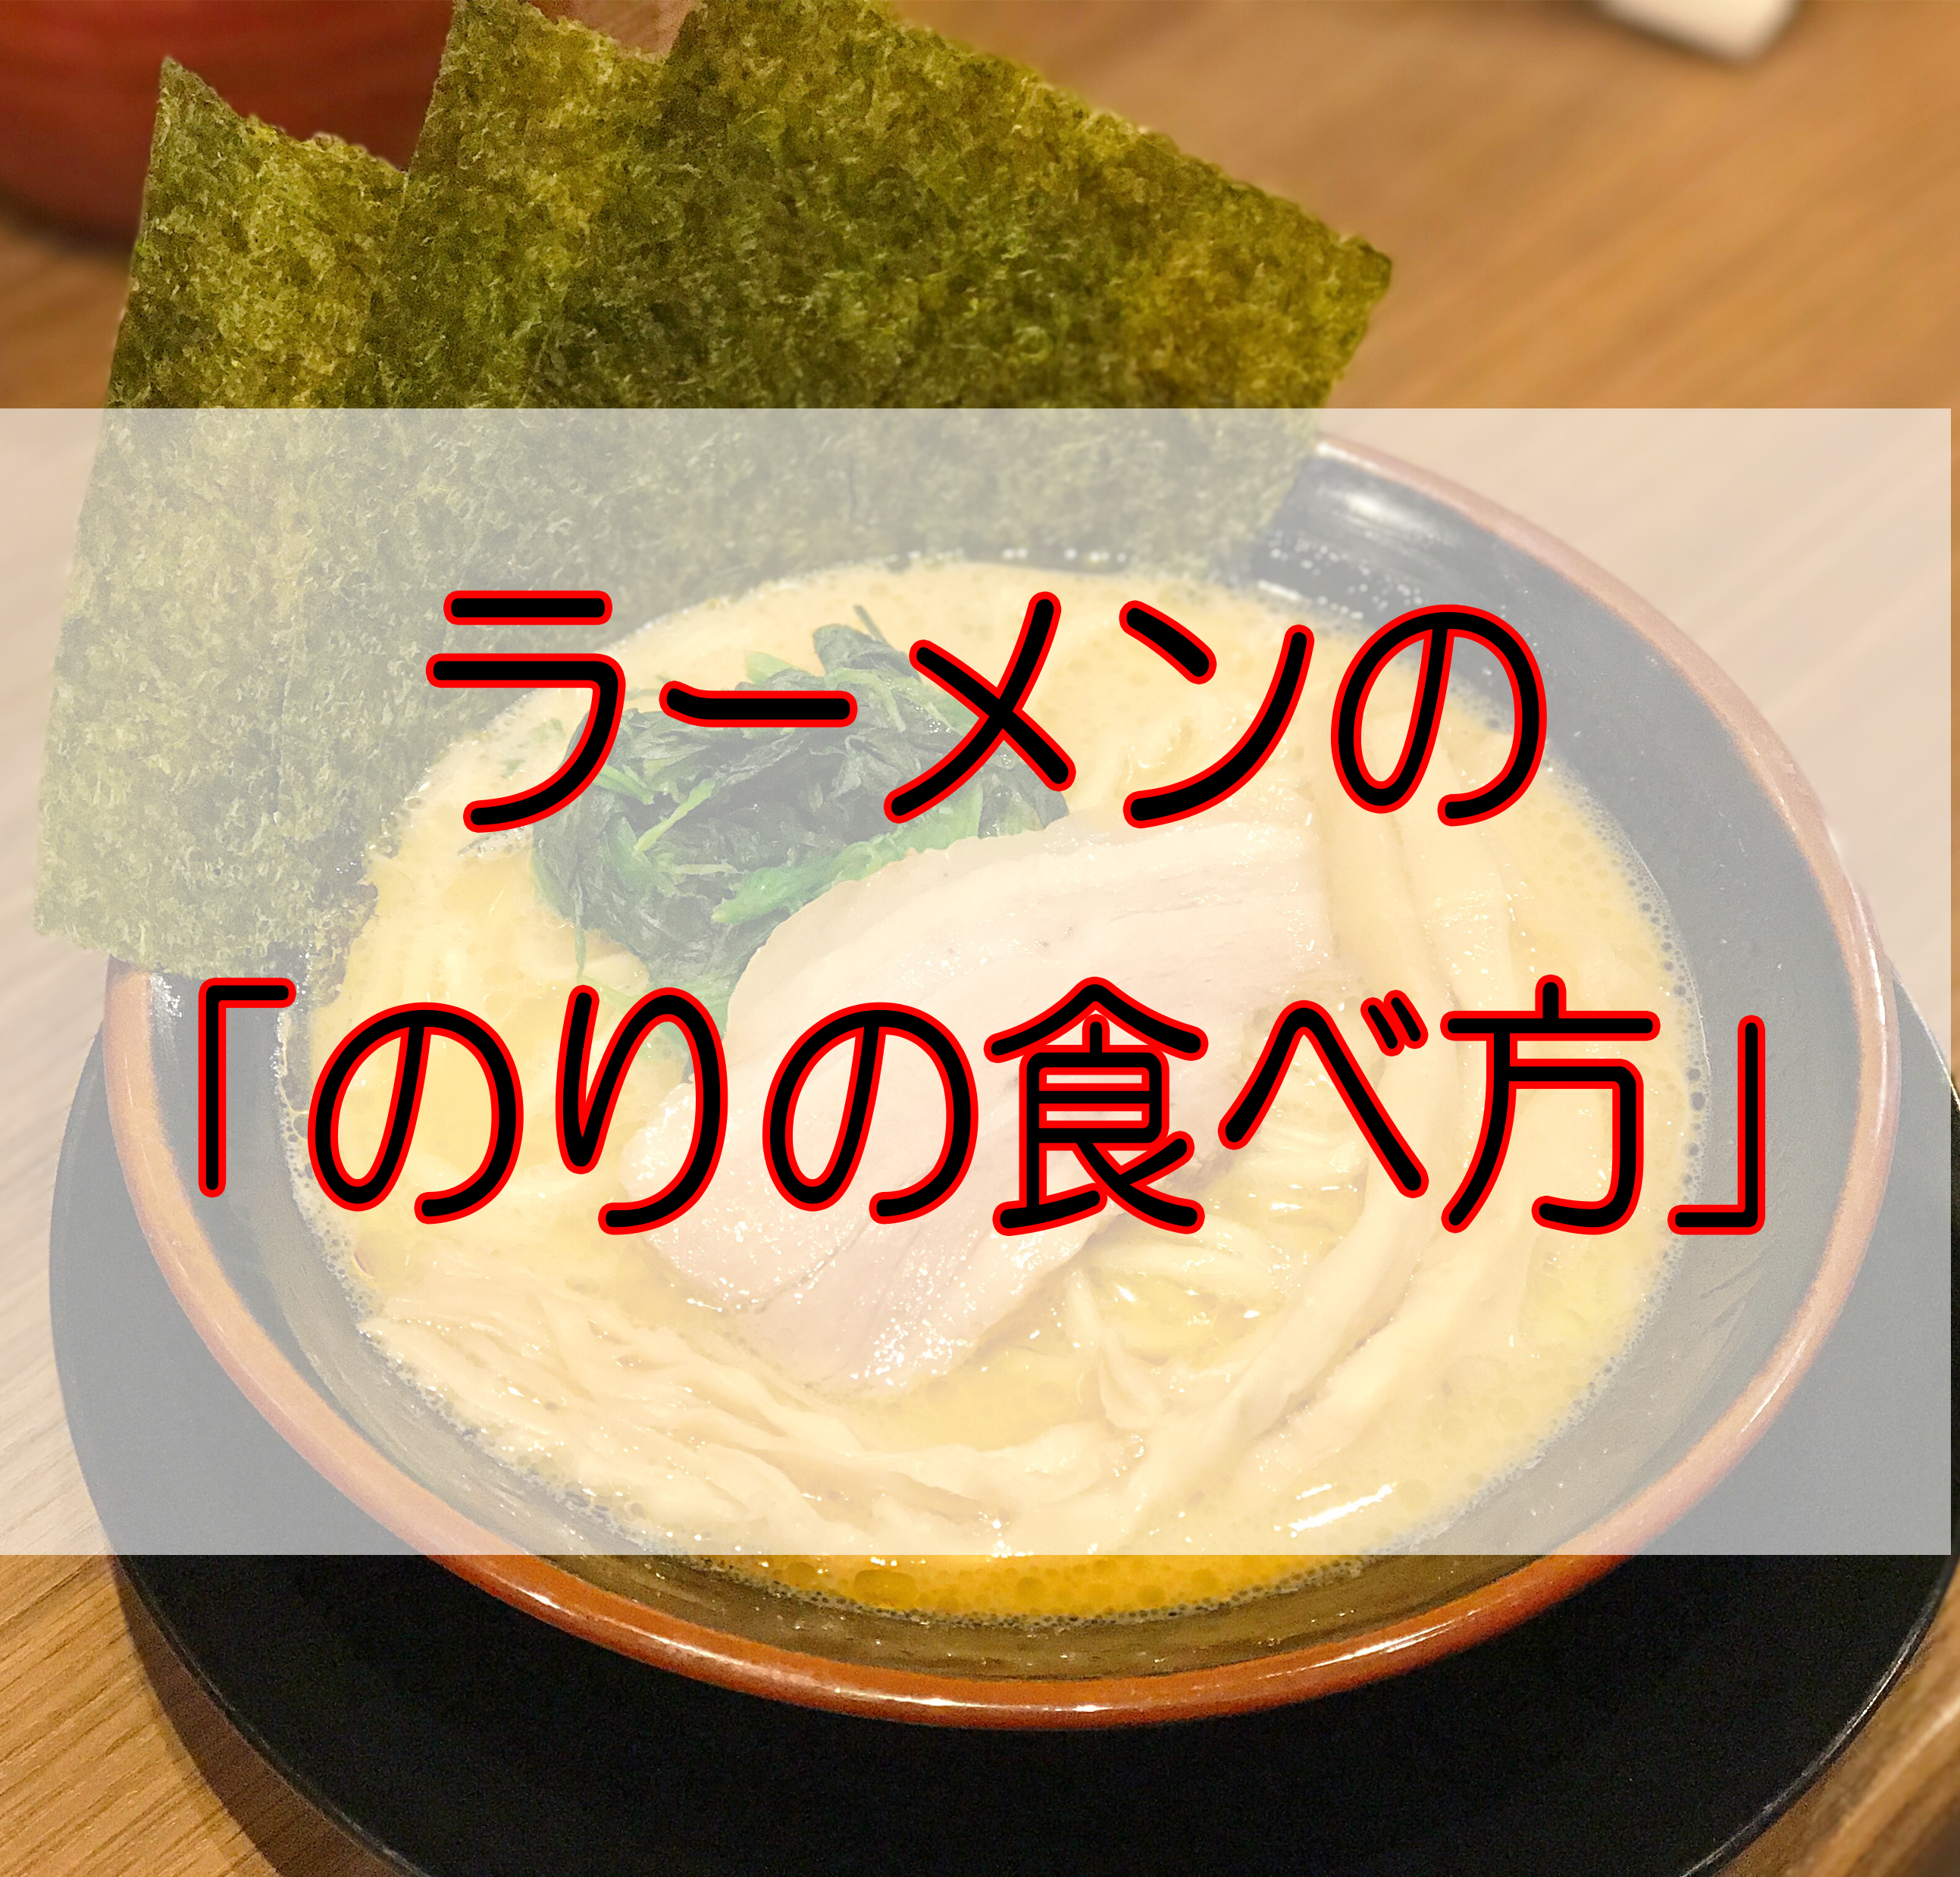 ラーメンの『のり』の食べ方のイメージ